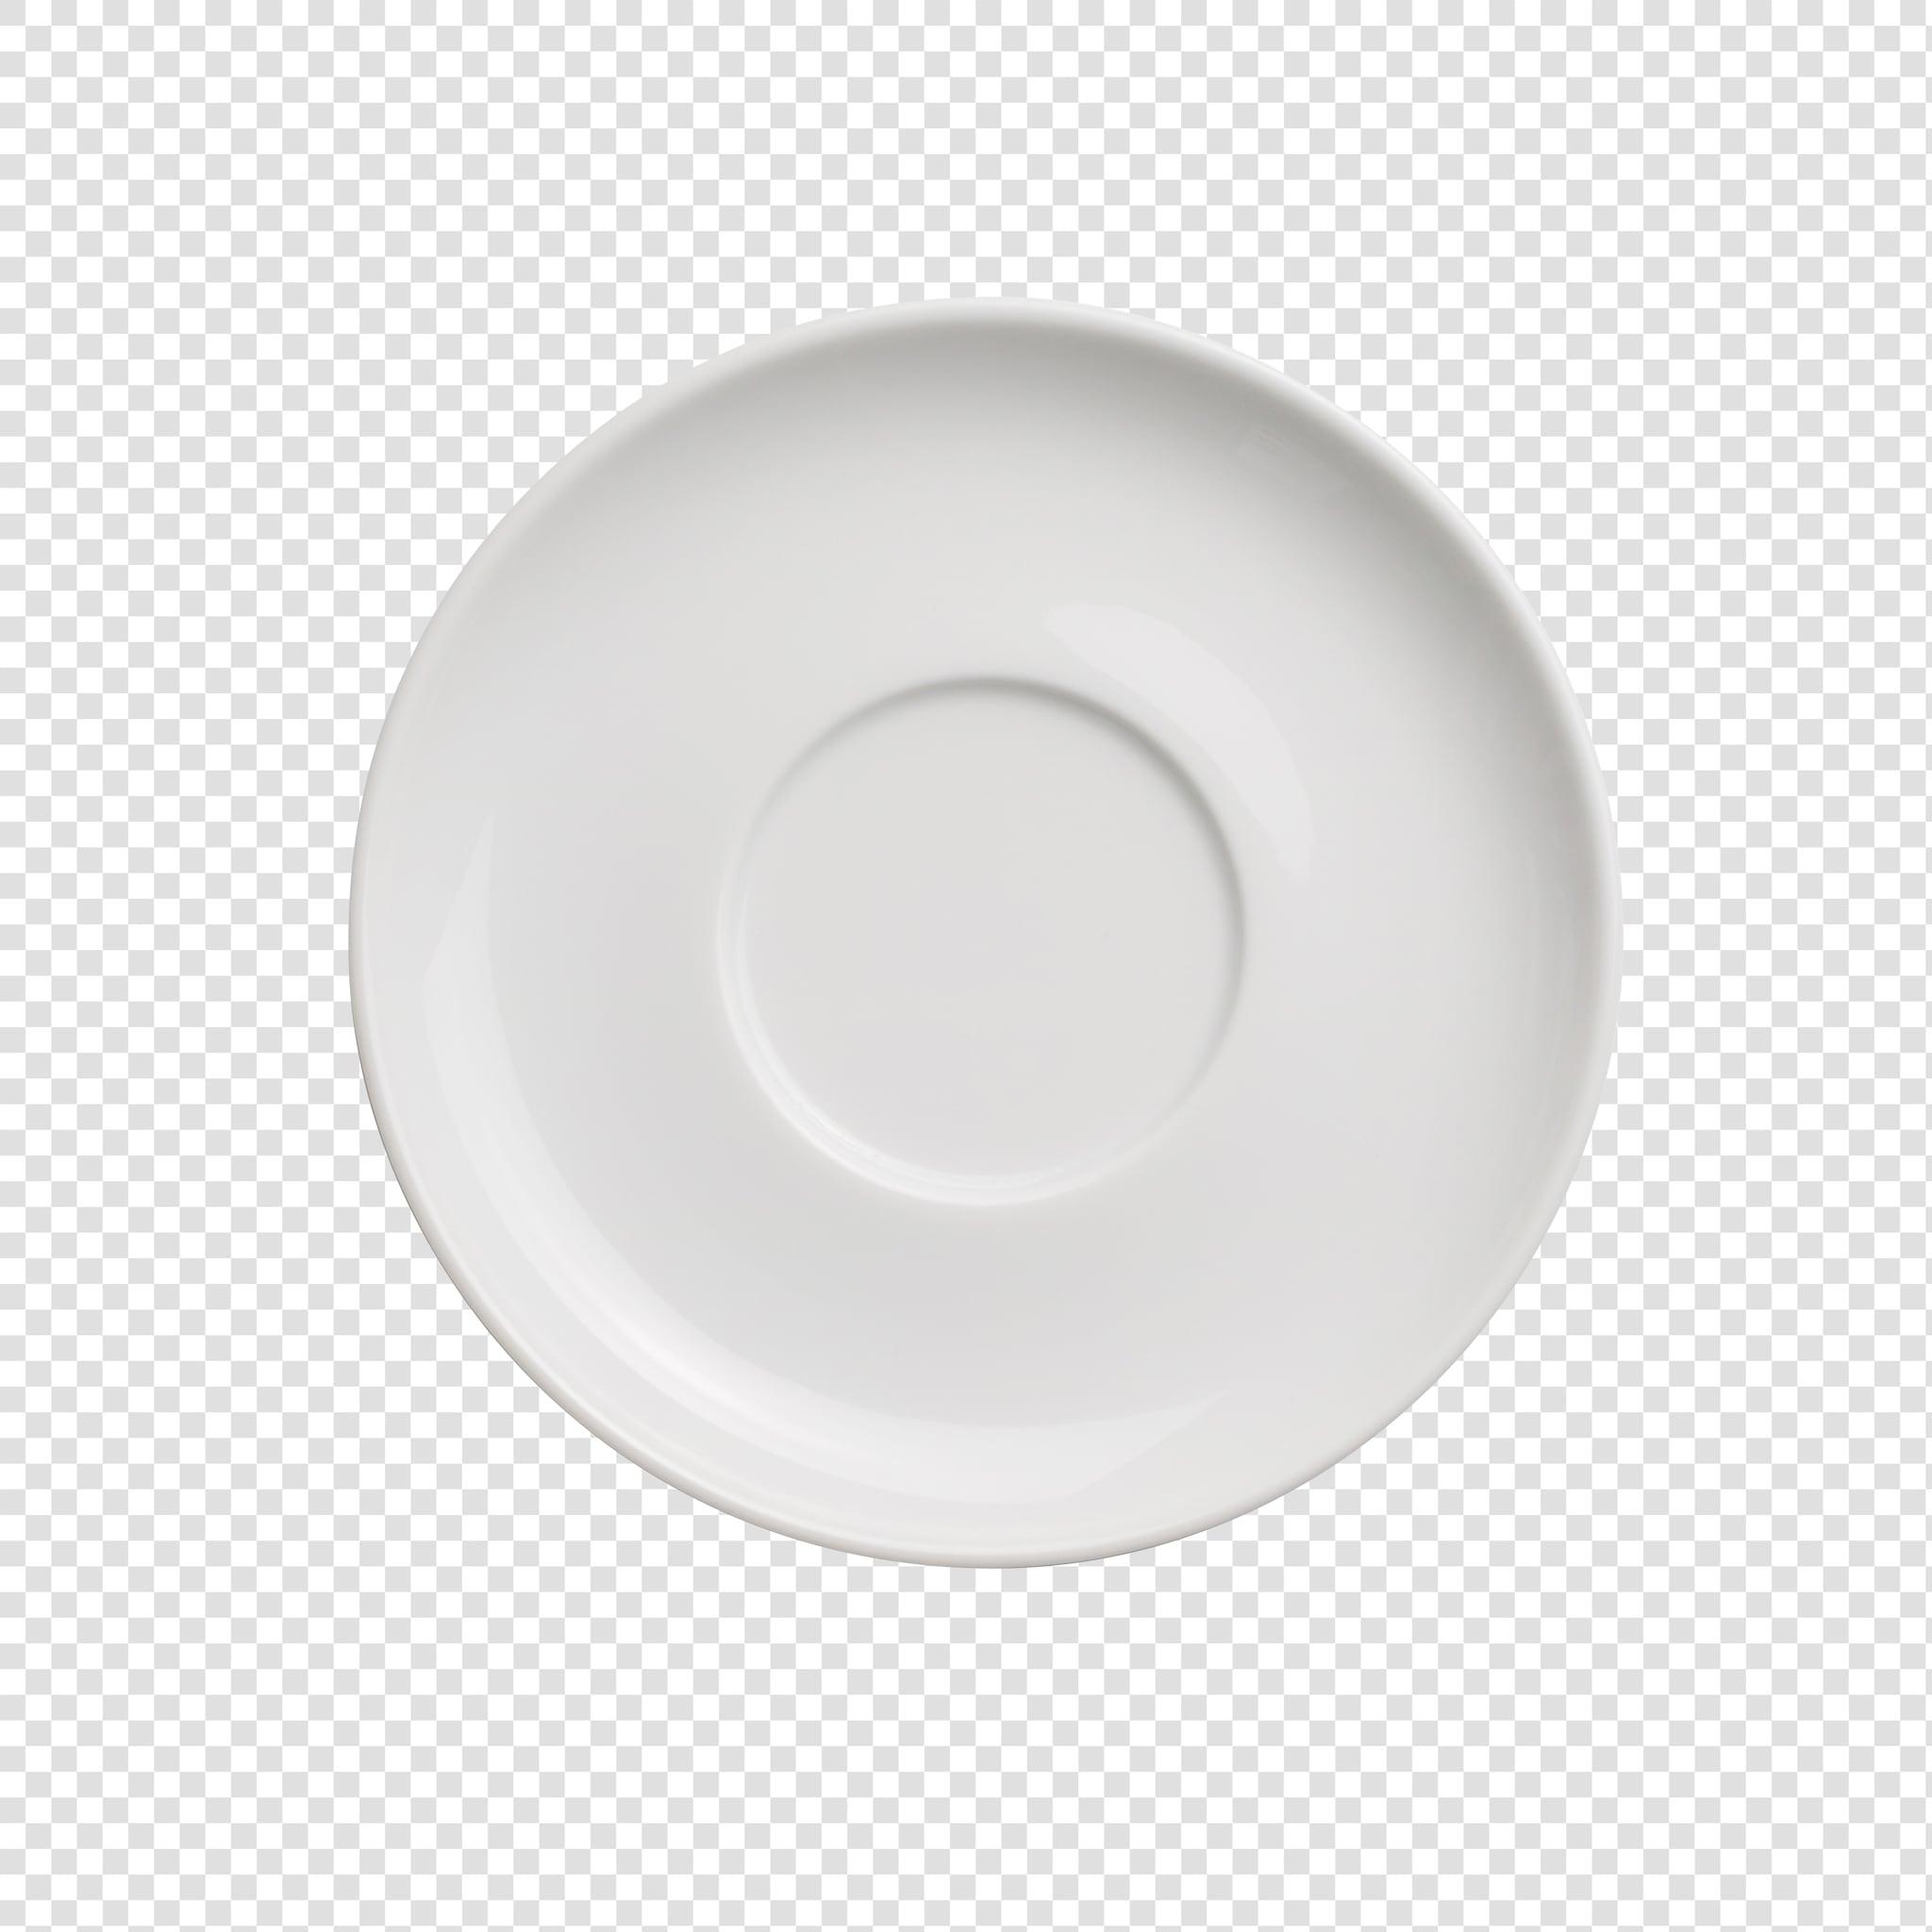 Mug image with transparent background